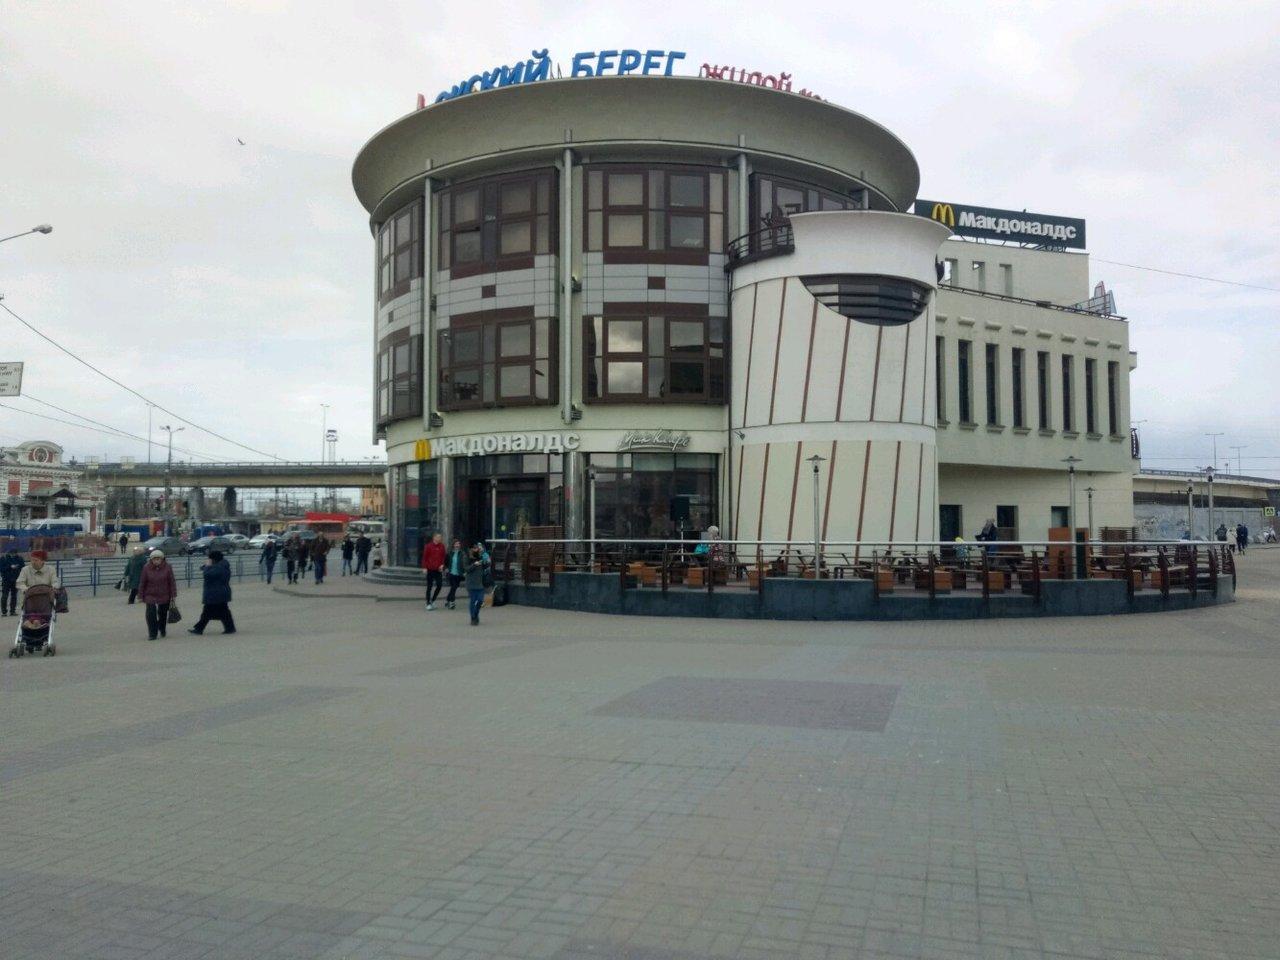 Макдоналдс у Московского вокзала (Нижний Новгород)